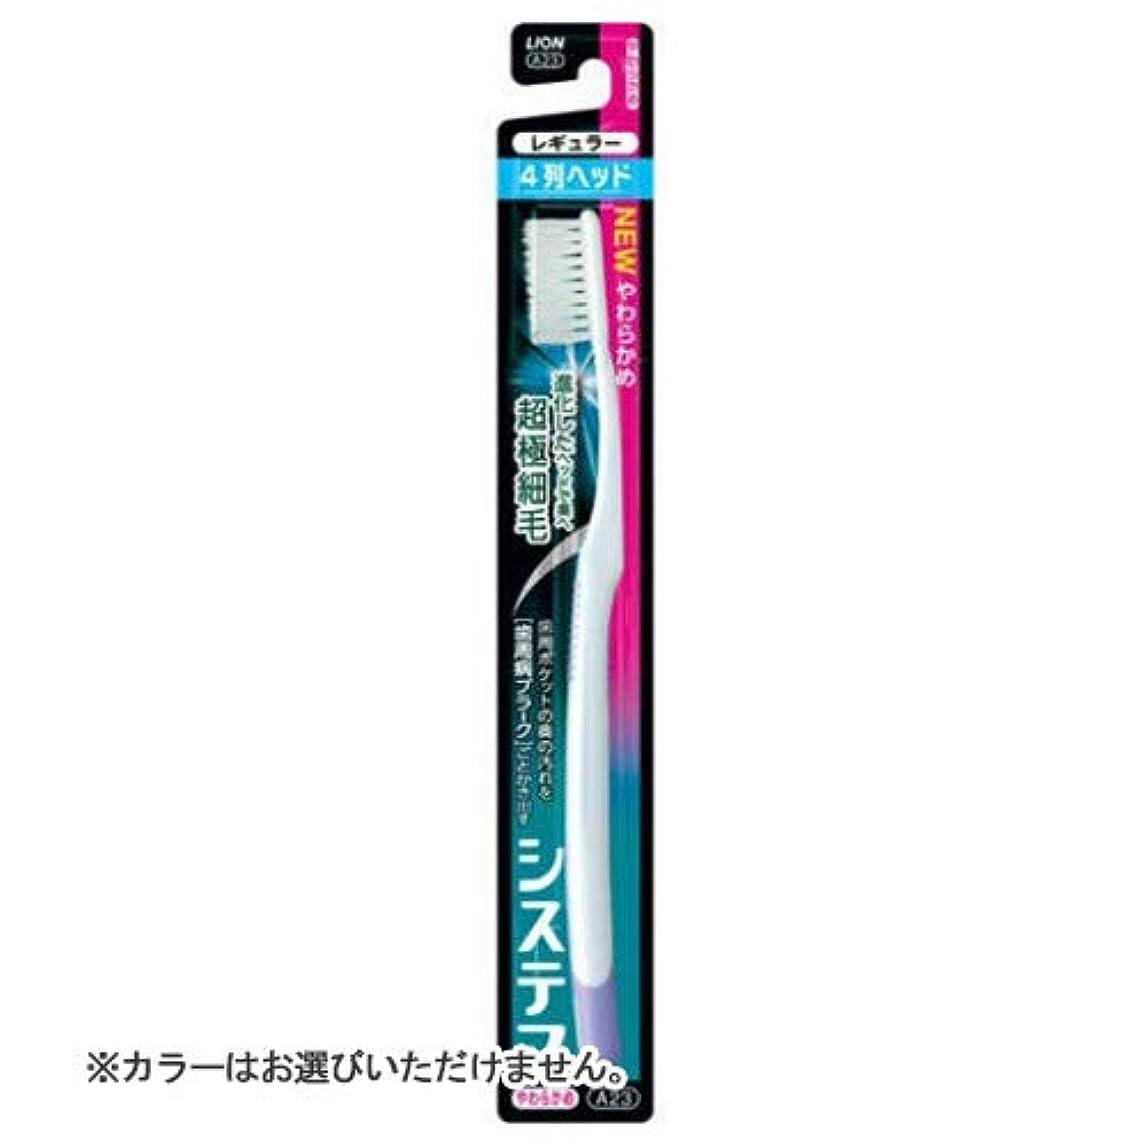 該当する人に関する限り最愛のライオン システマ ハブラシ レギュラー4列 やわらかめ (1本) 大人用 歯ブラシ